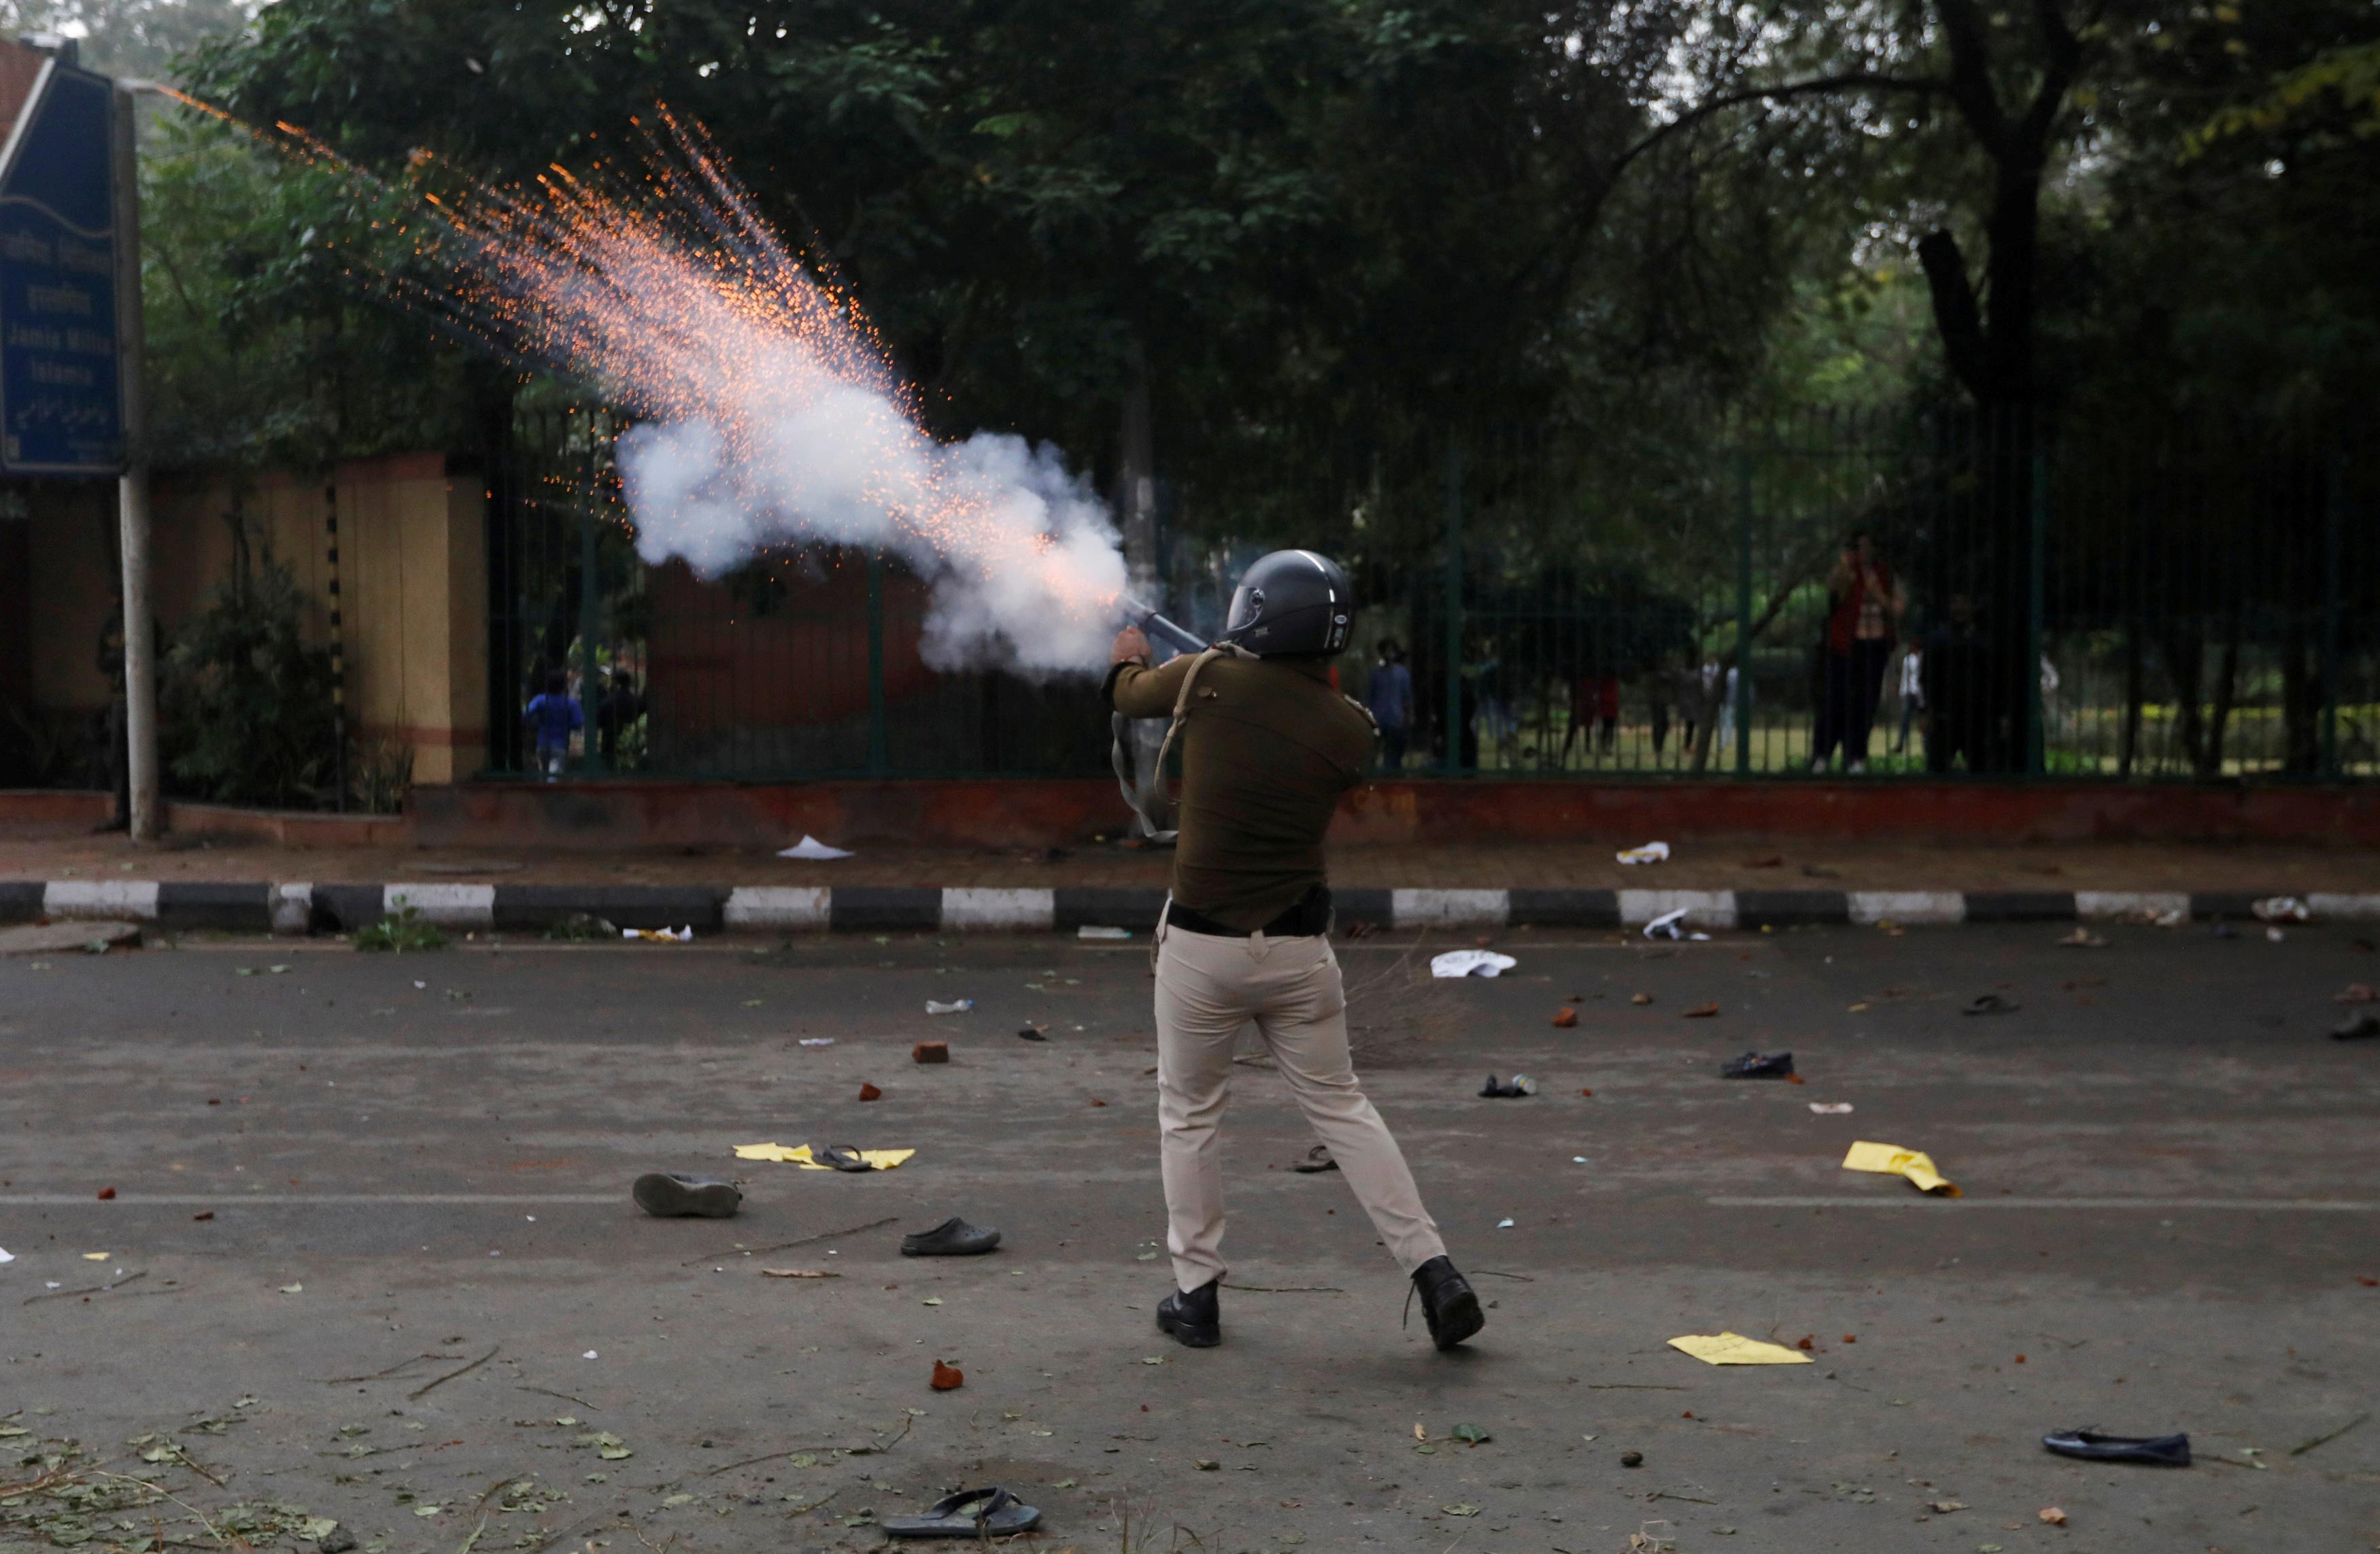 شرطي مكافحة الشغب يلقي بقنابل الغاز المسيل للدموع صوب المتظاهرين في العاصمة نيودلهي